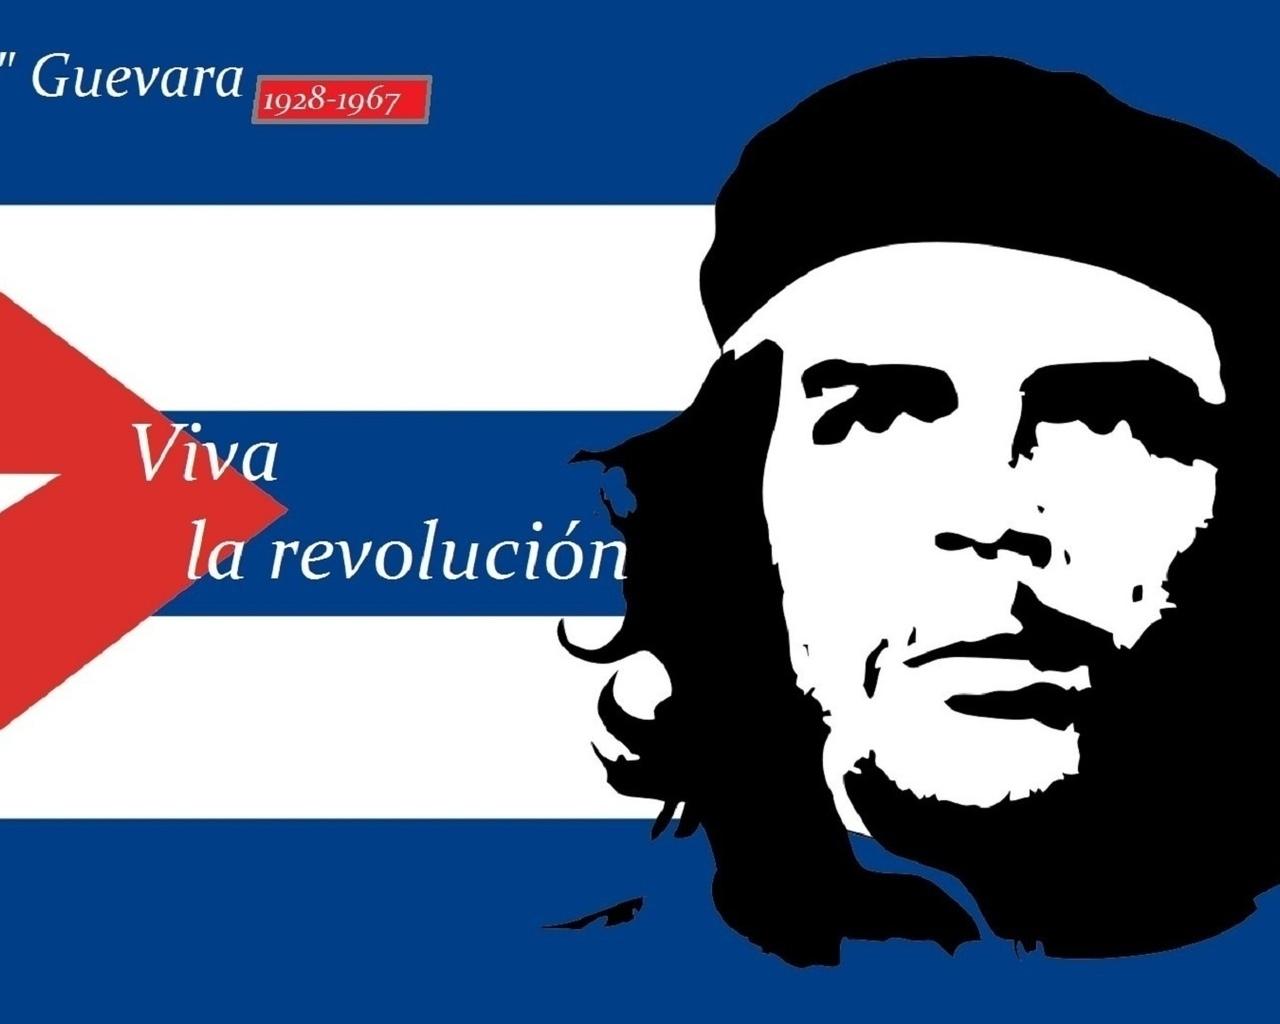 арт, революция, свобода, романтика